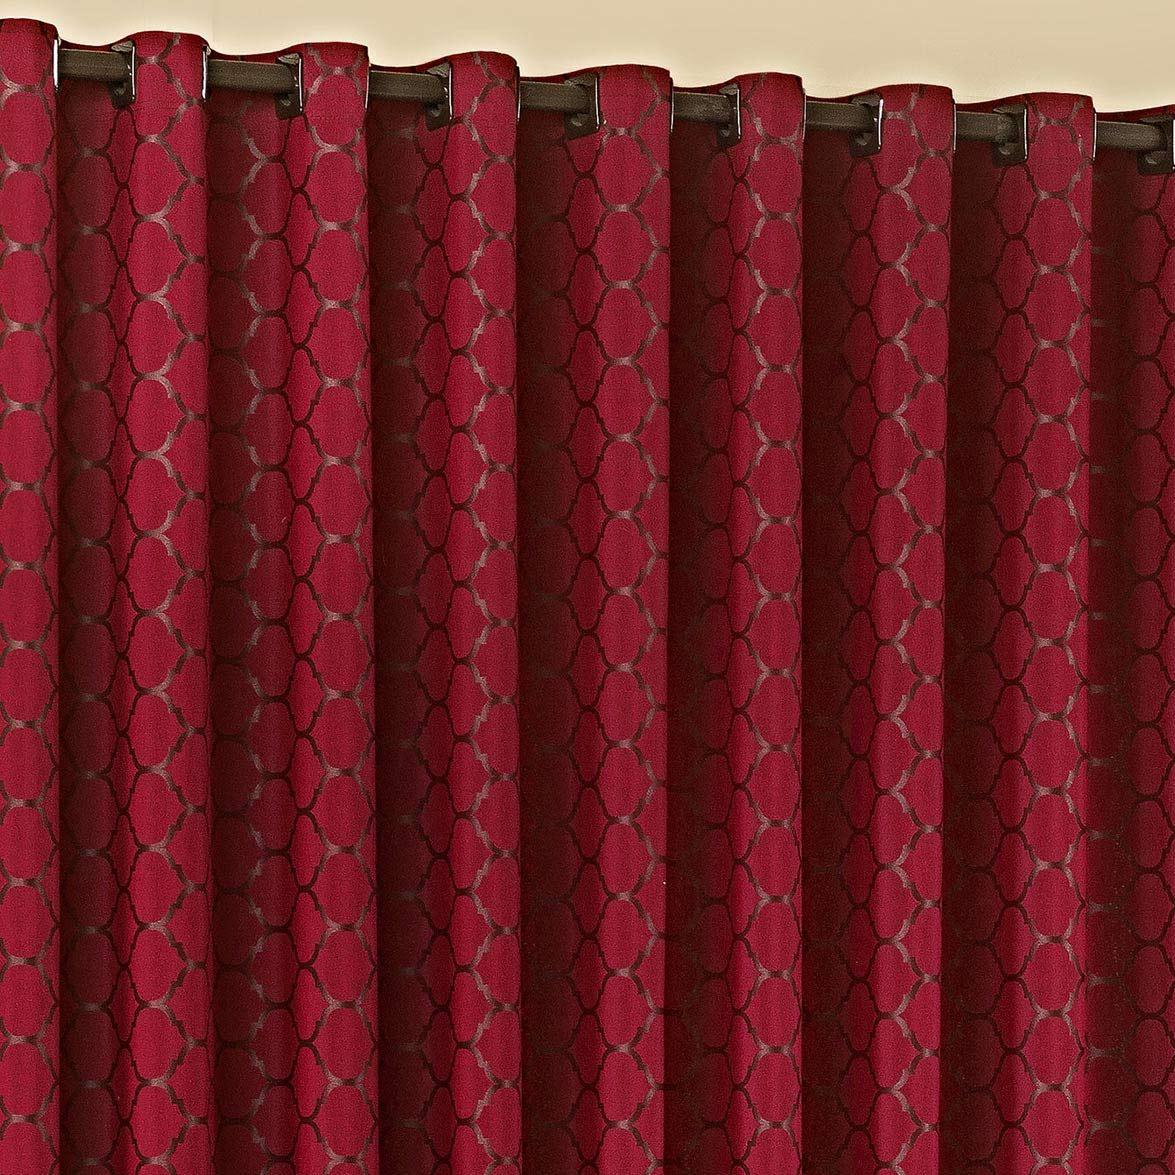 Cortina 3 metros Imperial Vermelho em Algodão e Poliéster com 1 peça